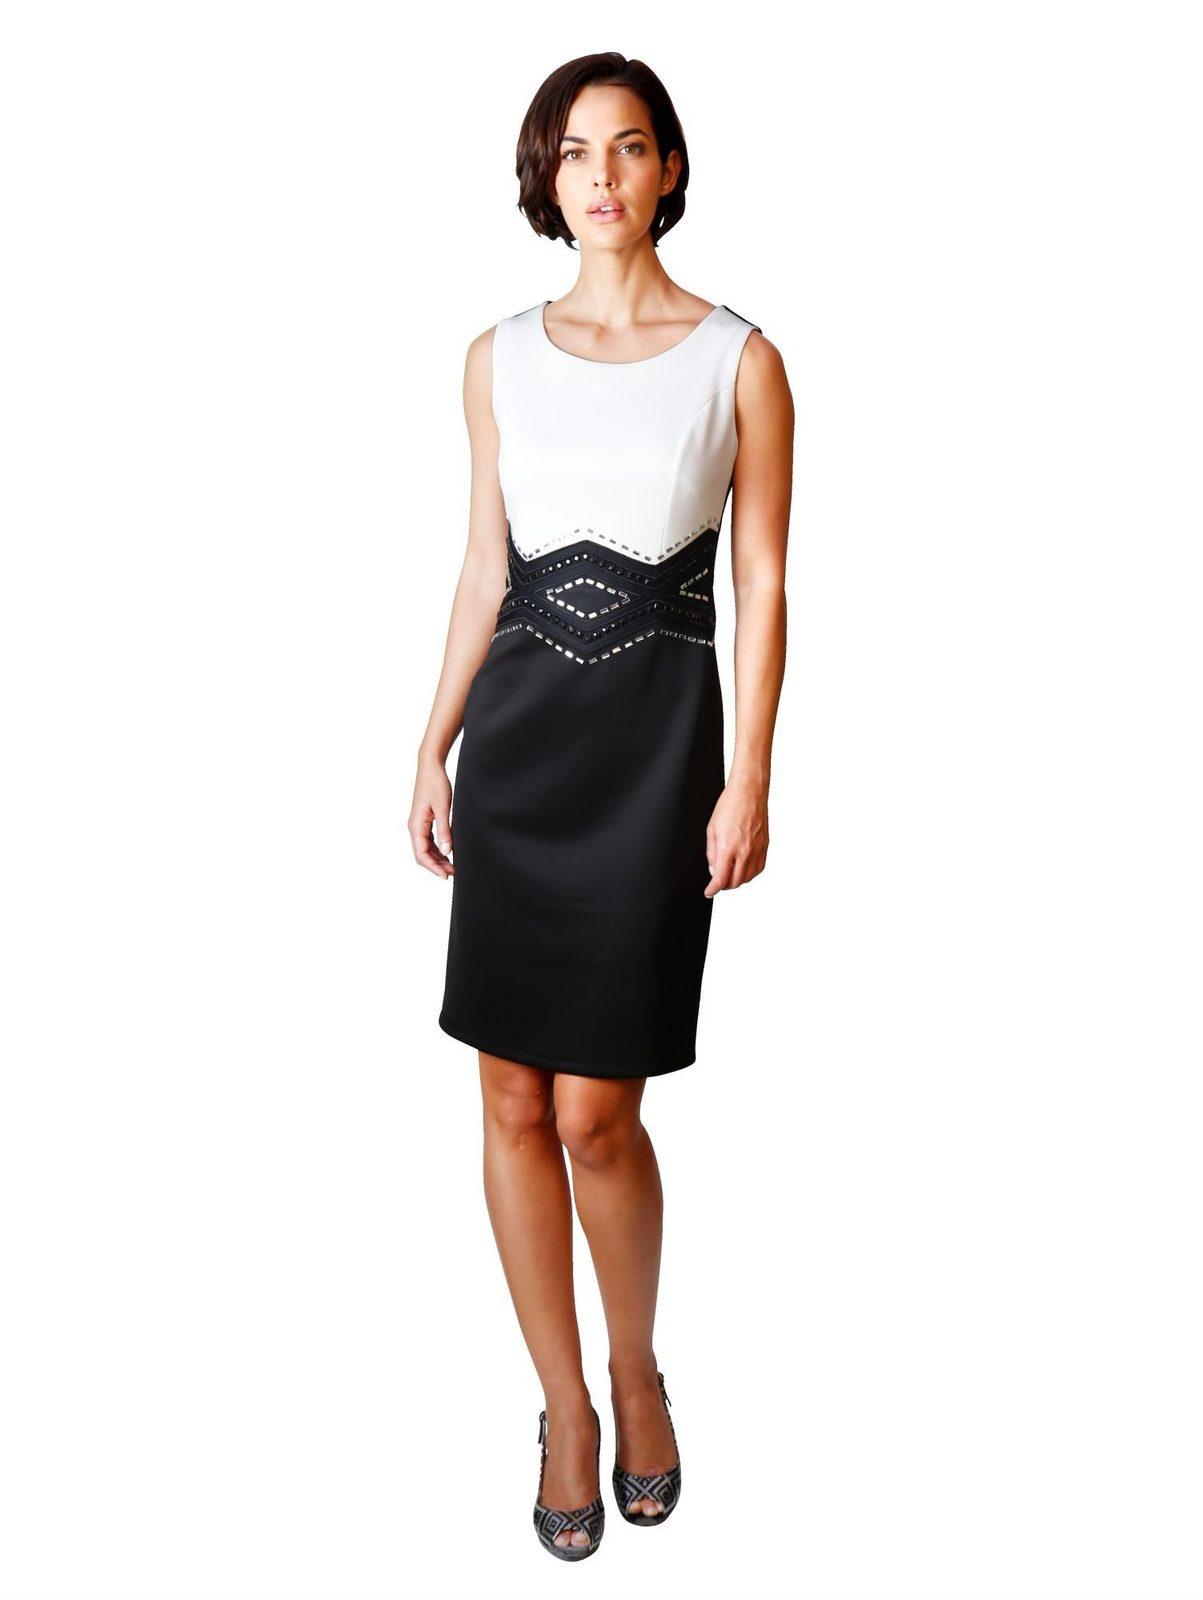 Amy Vermont Jerseykleid mit Strasssteinchendeko im Vorderteil jetztbilligerkaufen